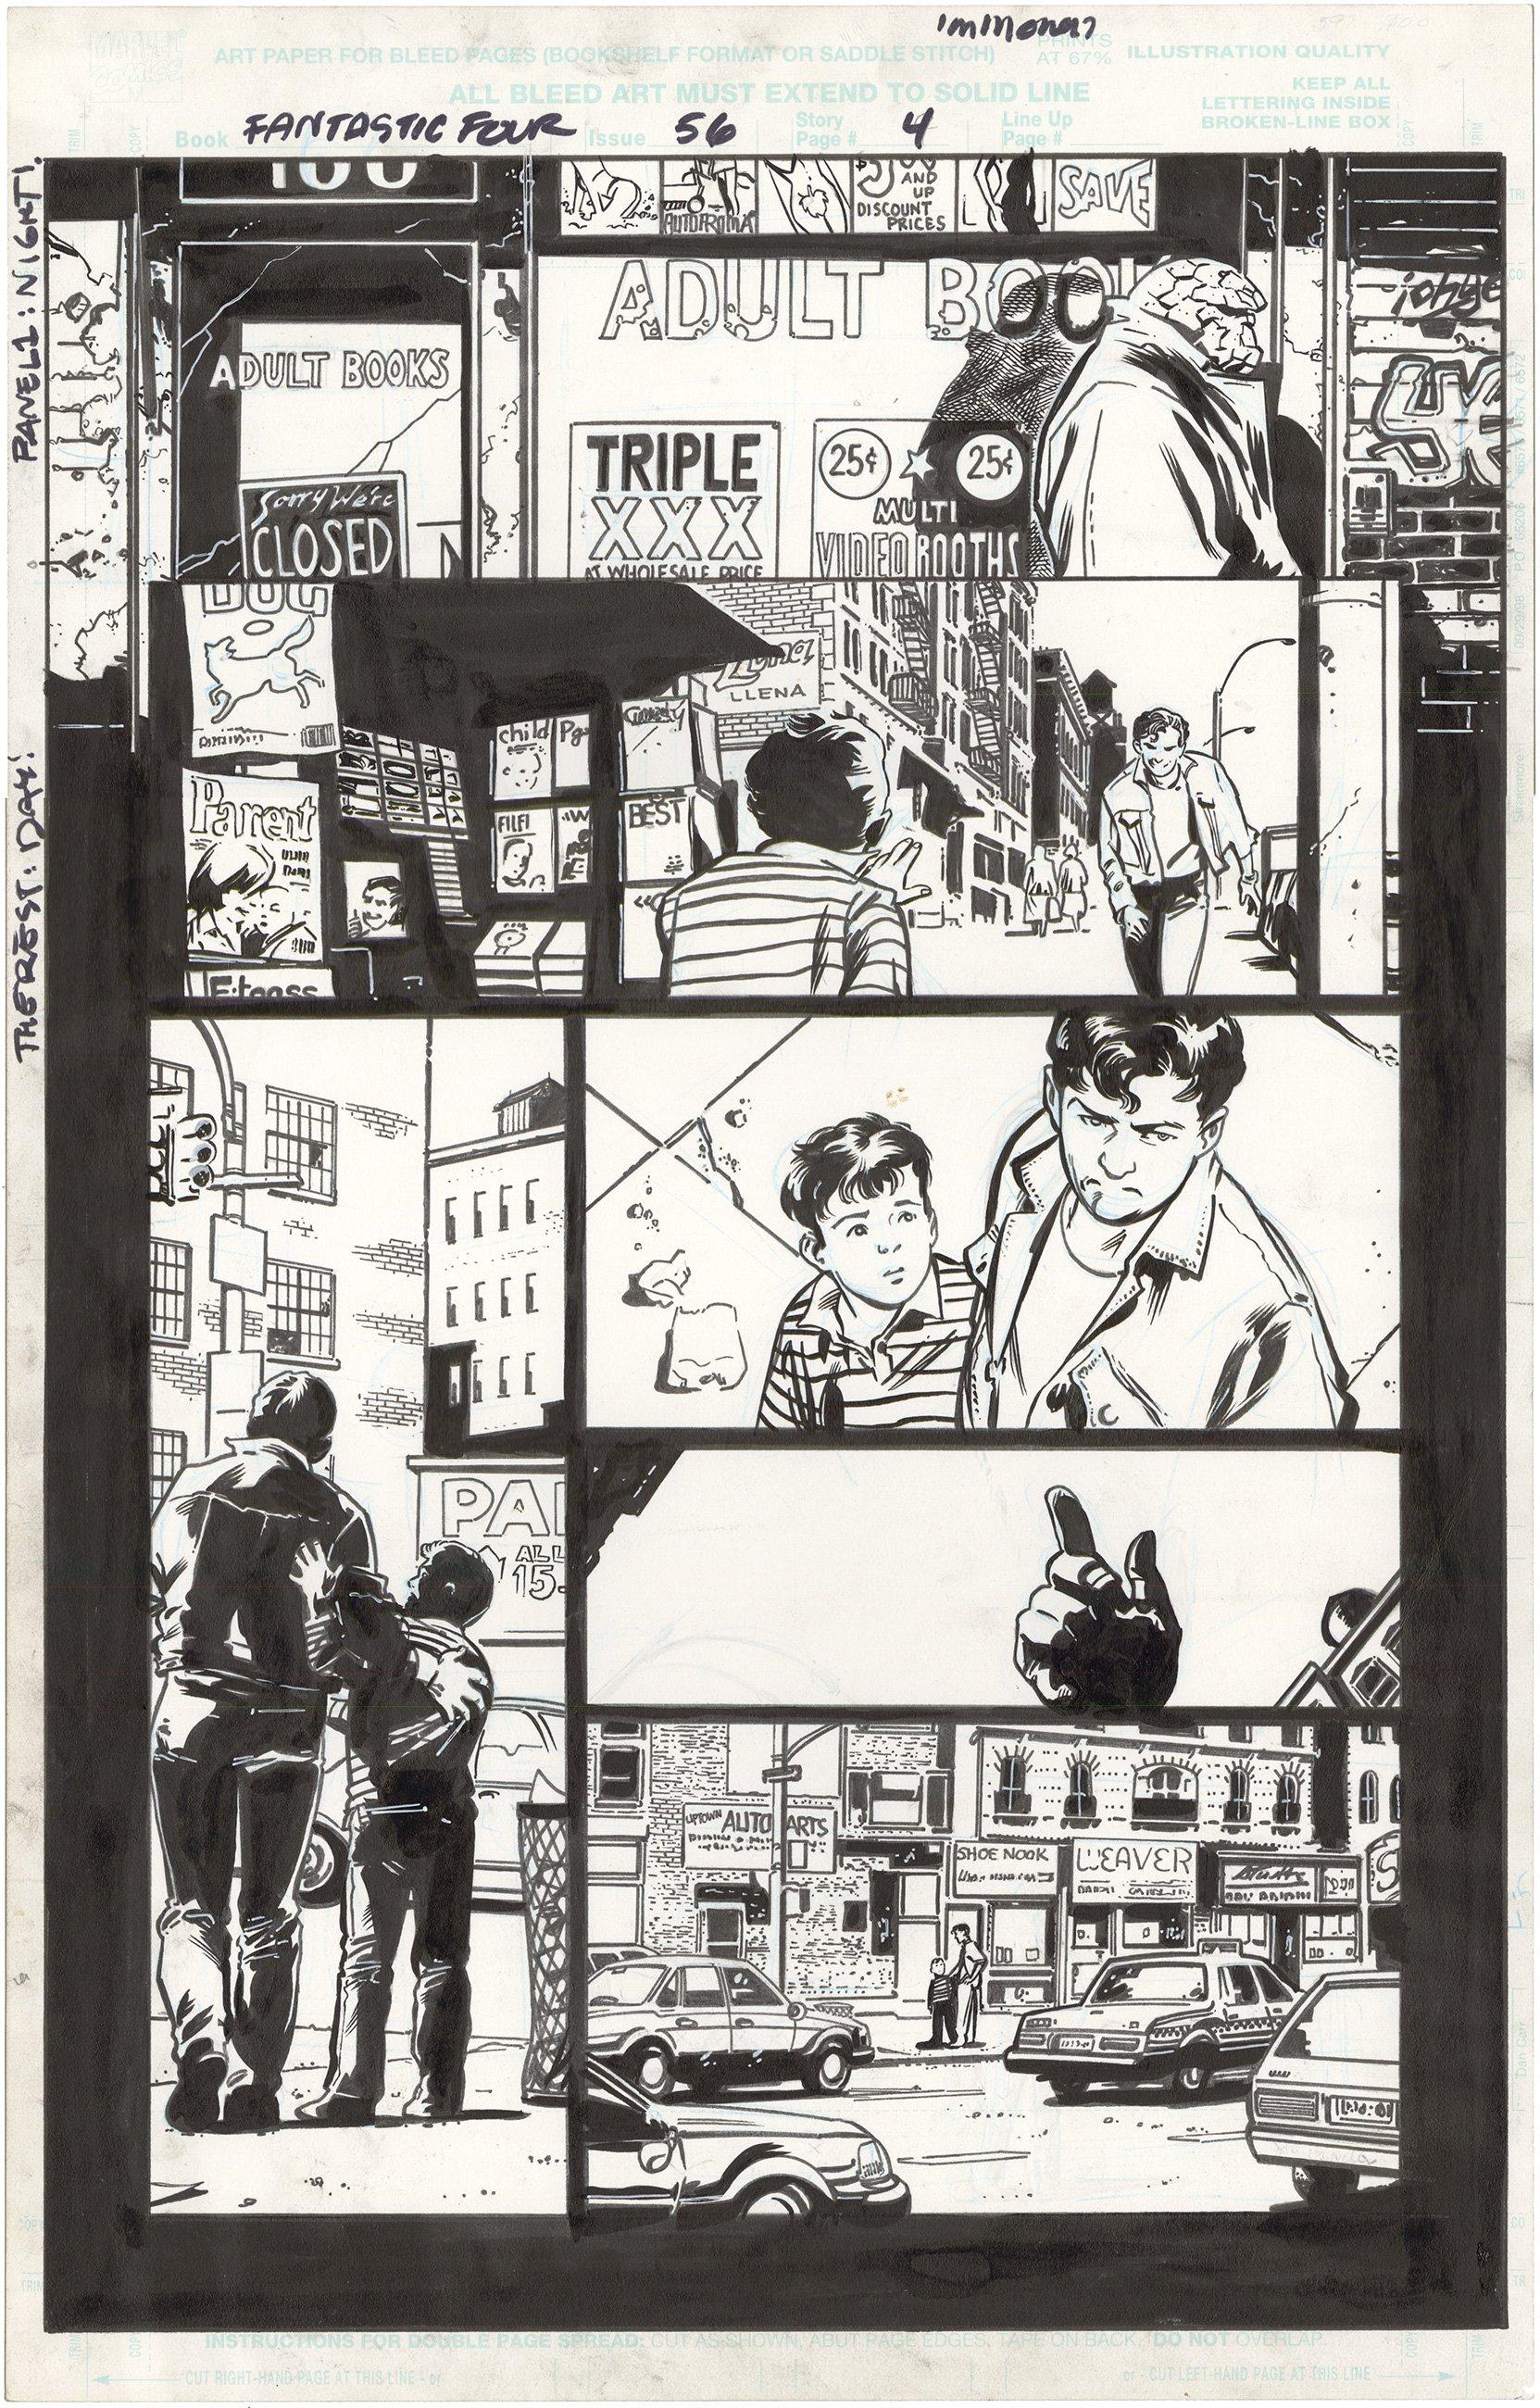 Fantastic Four #485 (56) p4